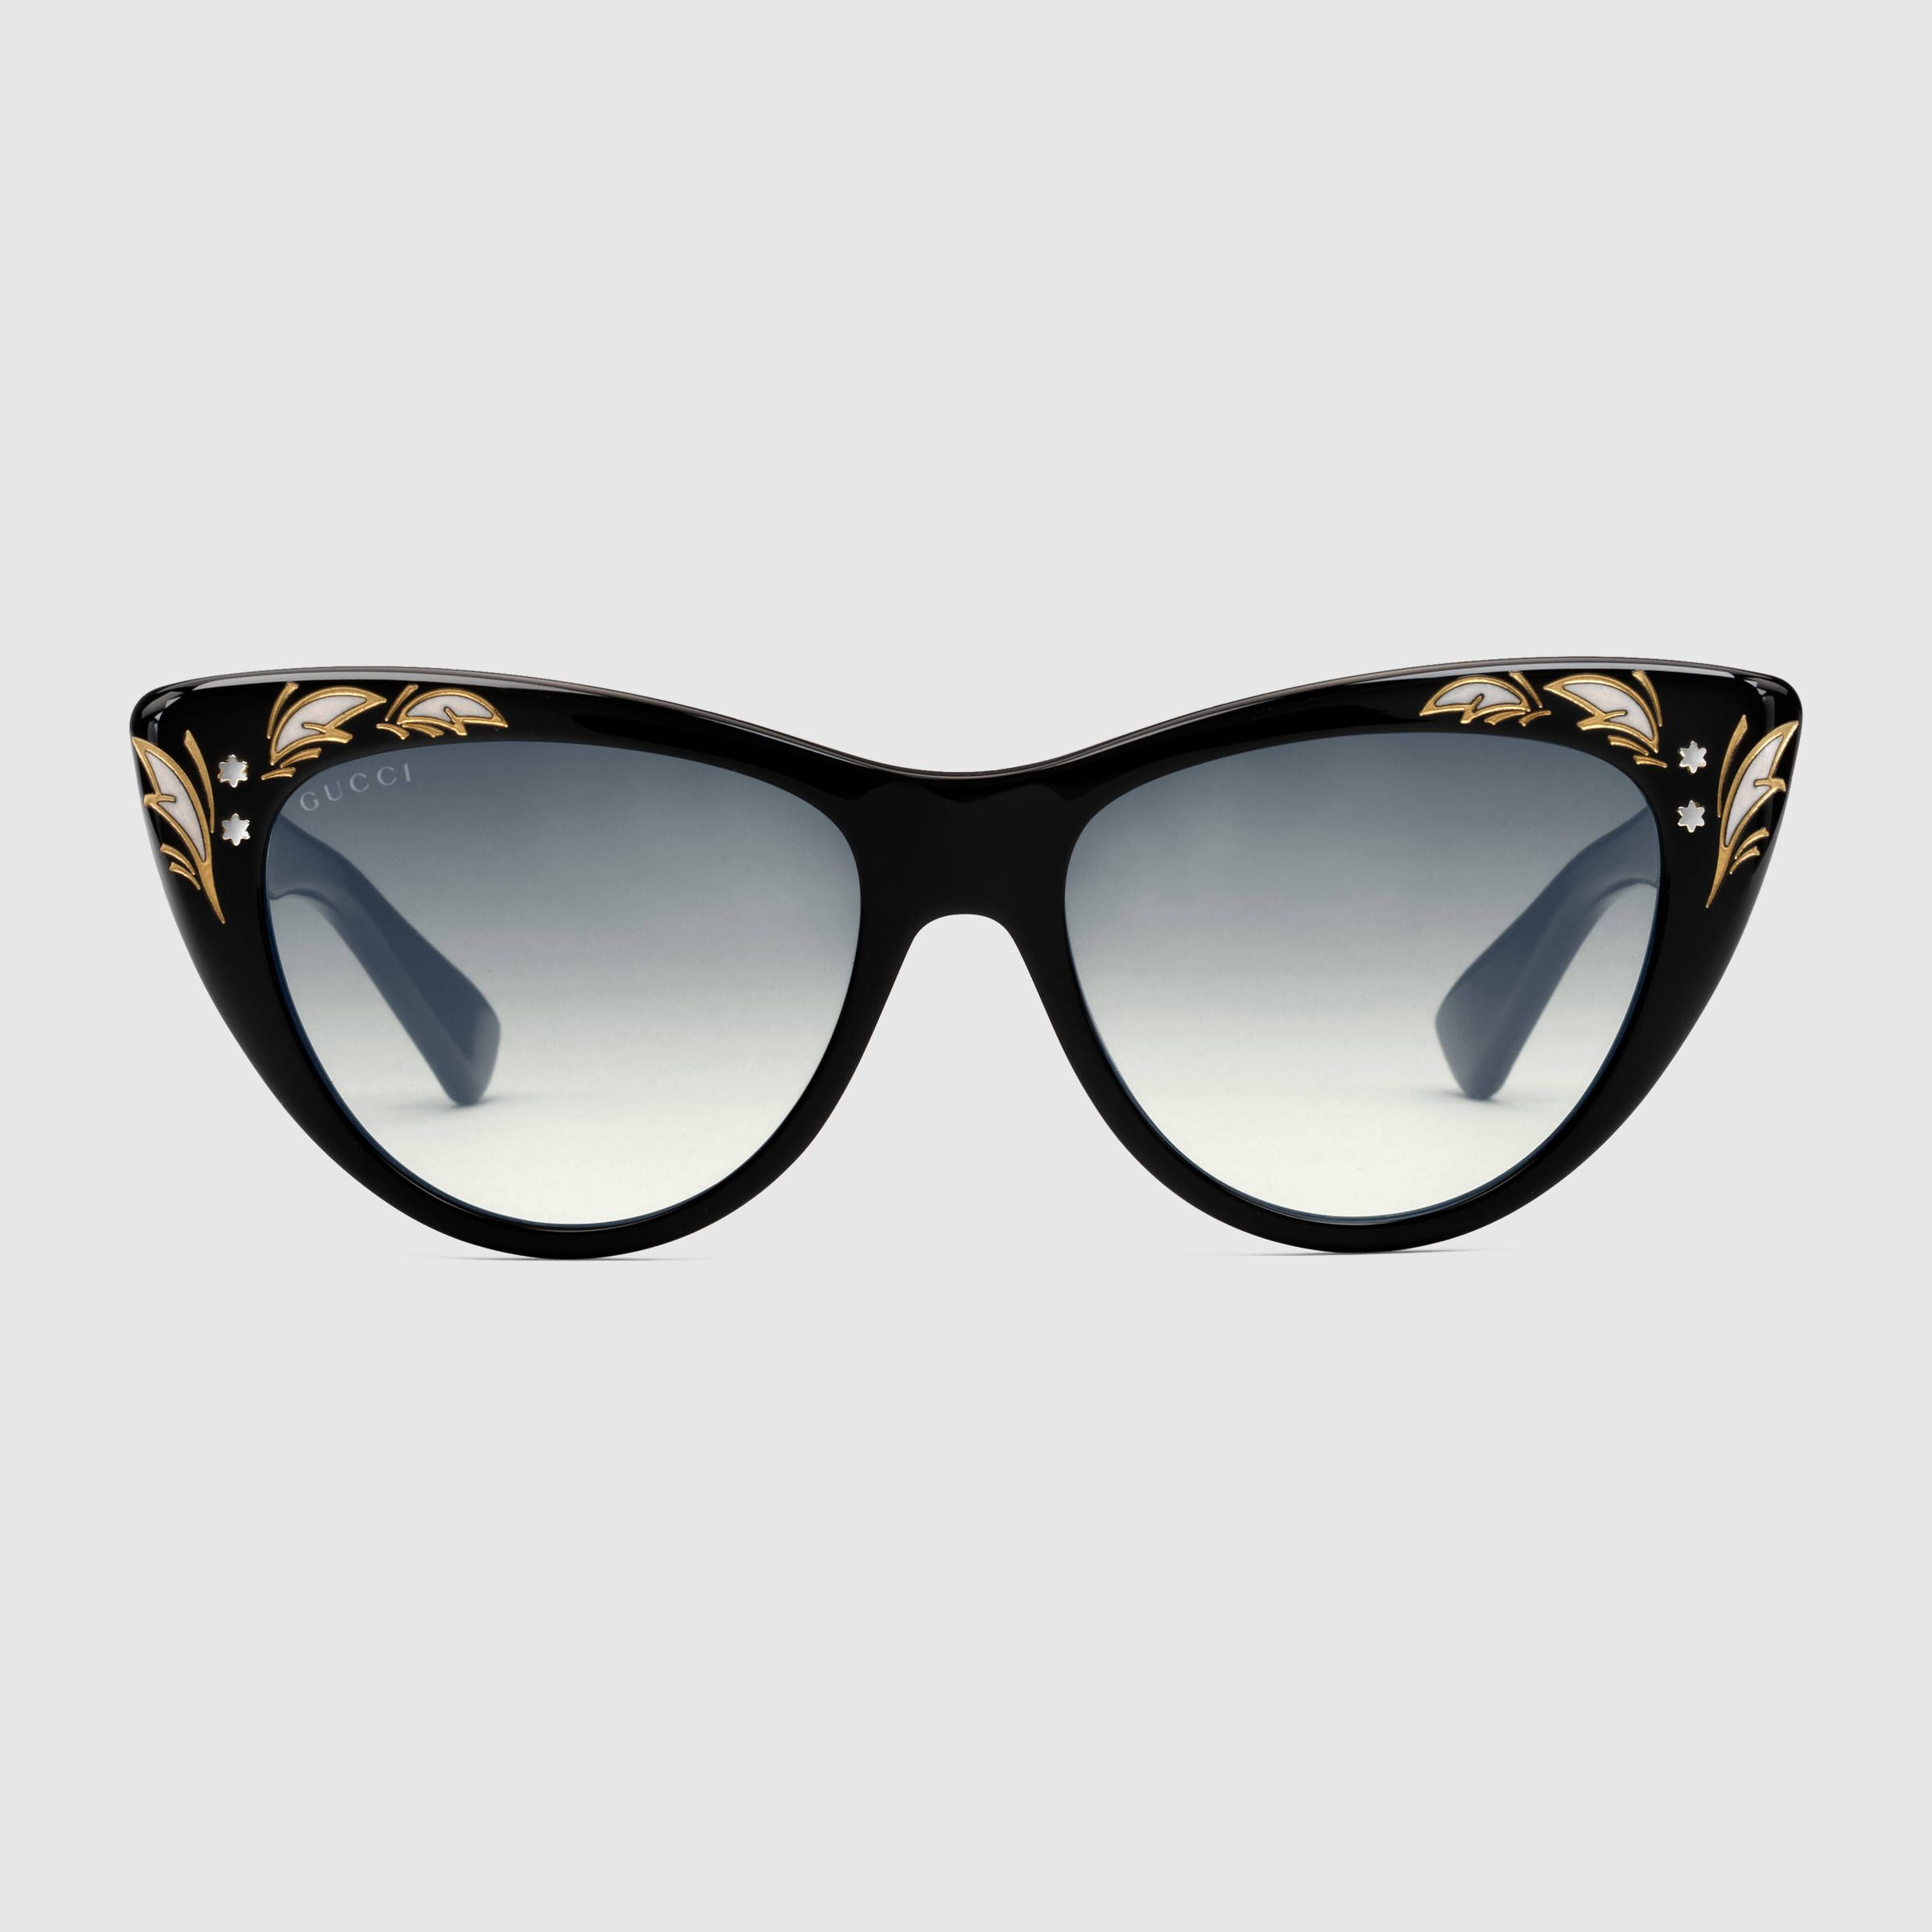 Sonnenbrille in Katzenaugenform | A ACCESORIES | Pinterest | Brille ...